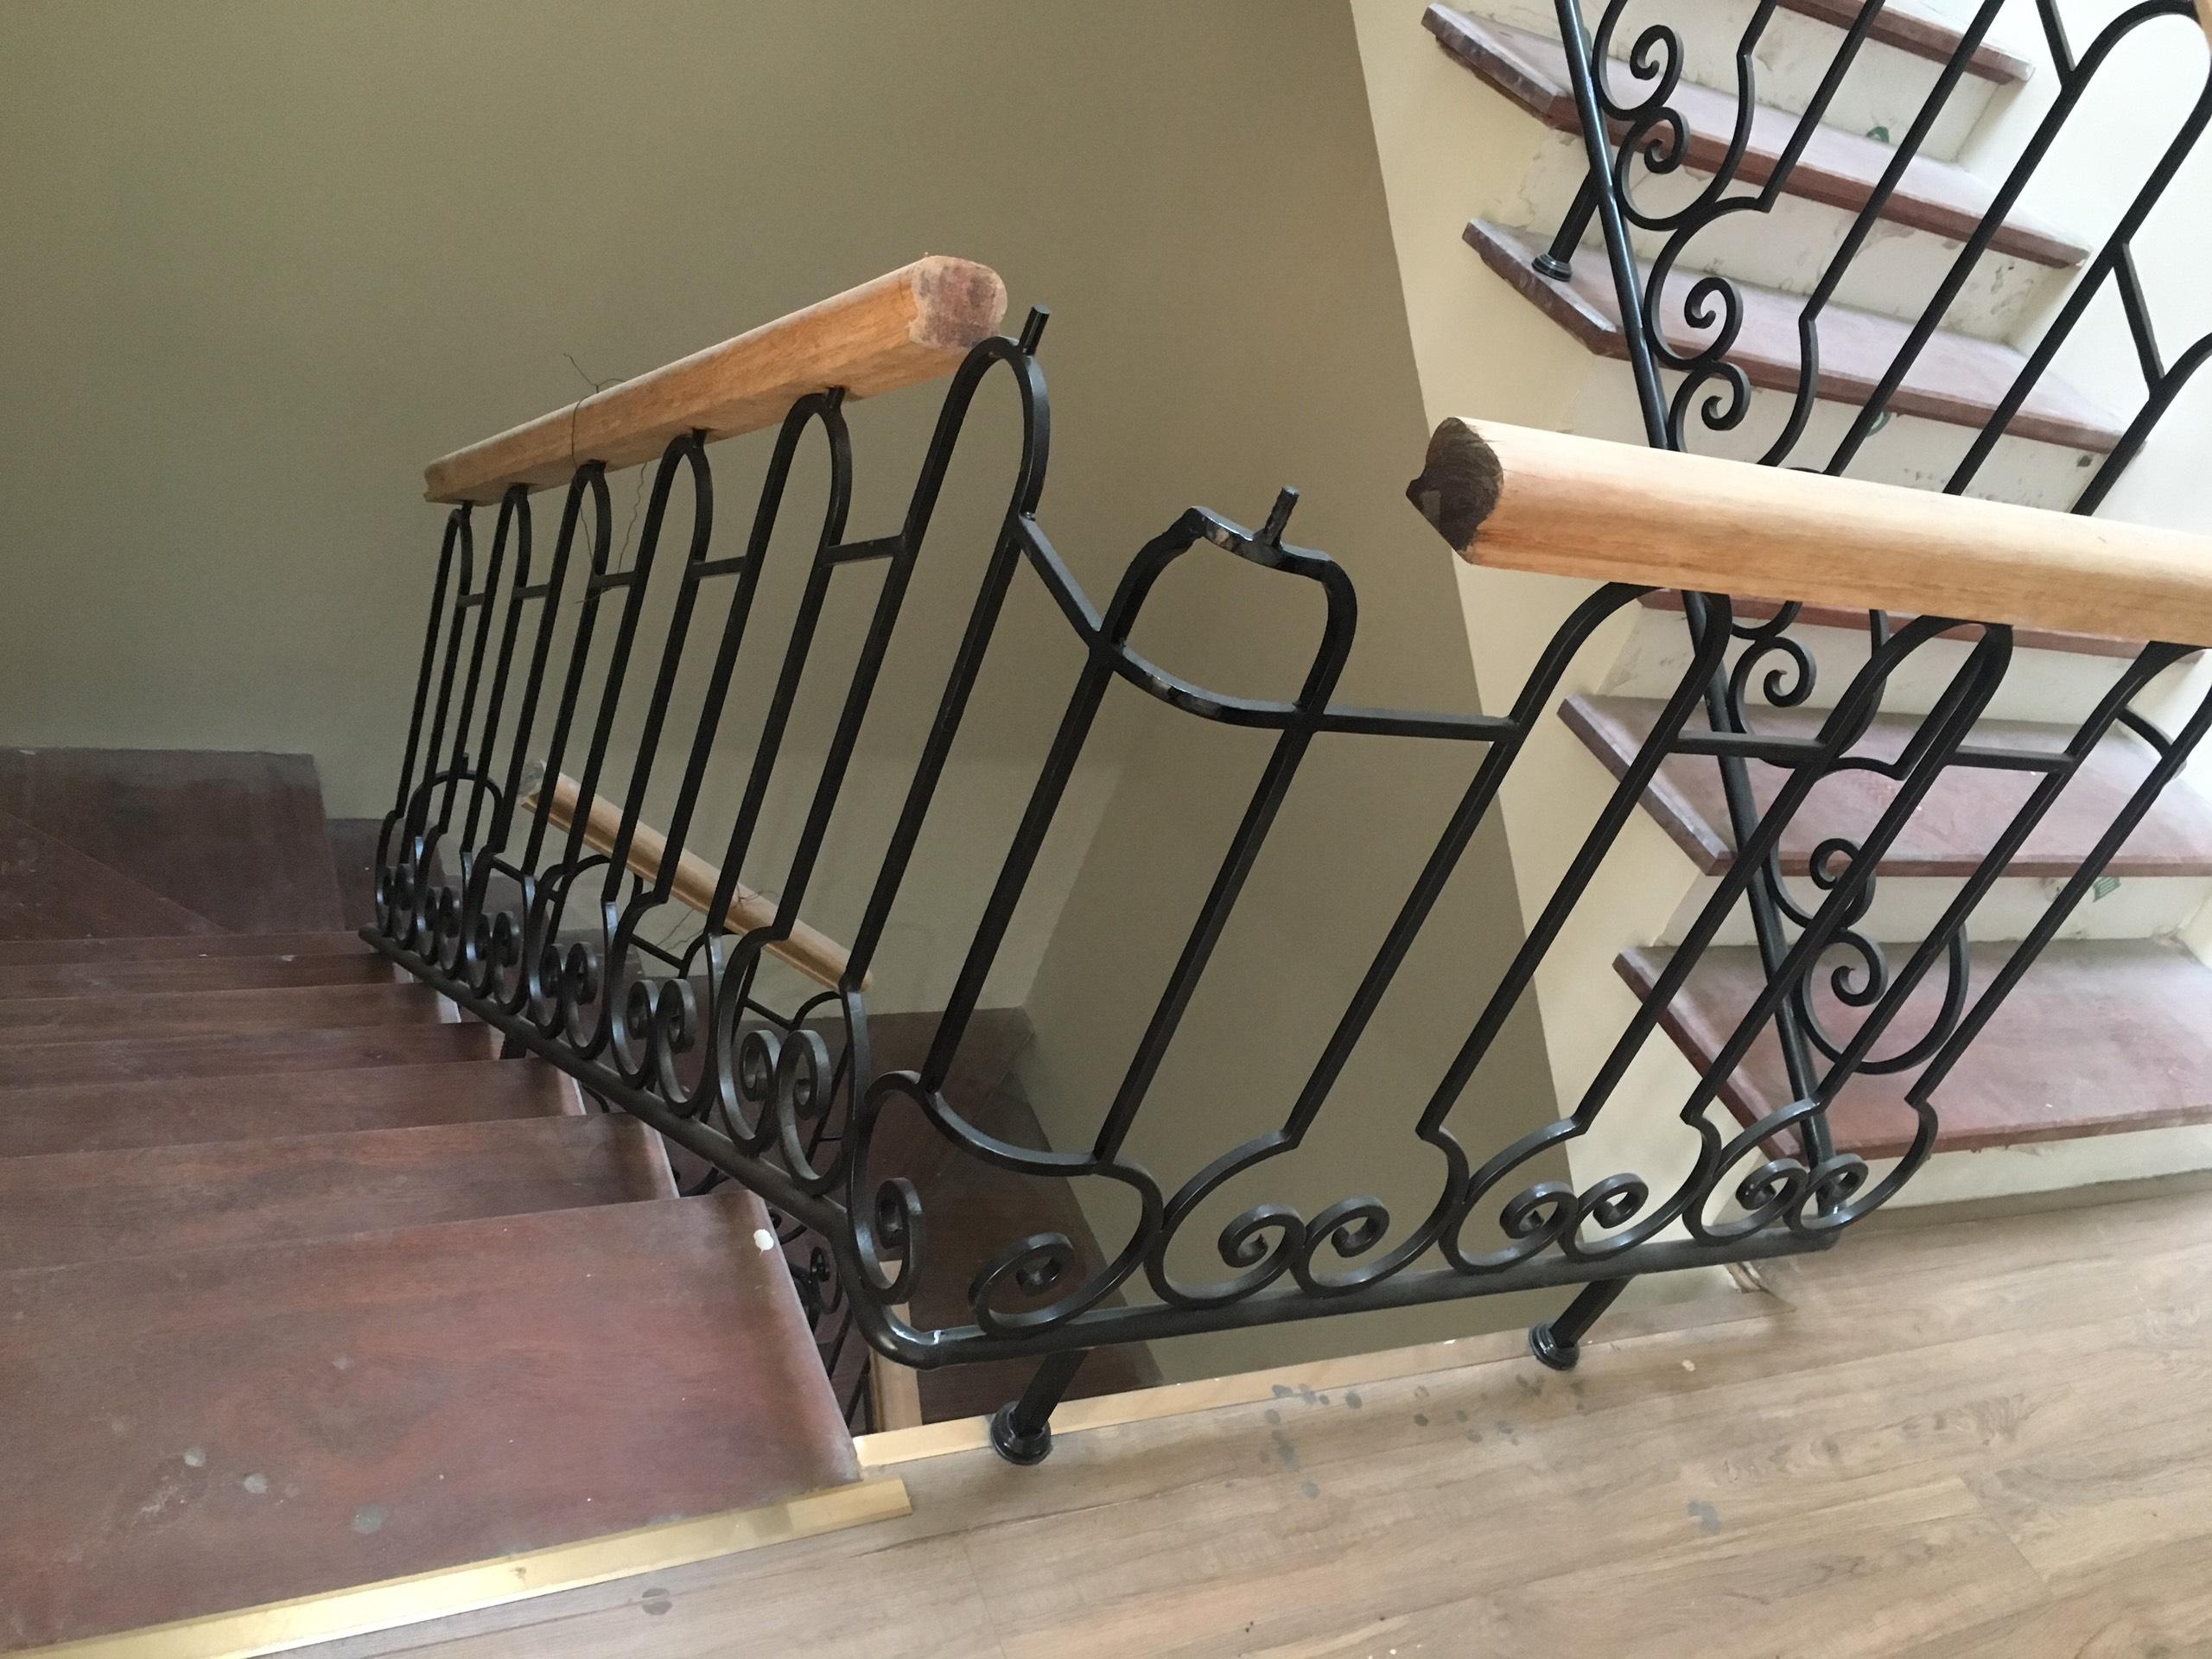 Cầu thang sắt nghệ thuật kết hợp gỗ là điểm nhấn trong cải tạo nhà Hà Nội